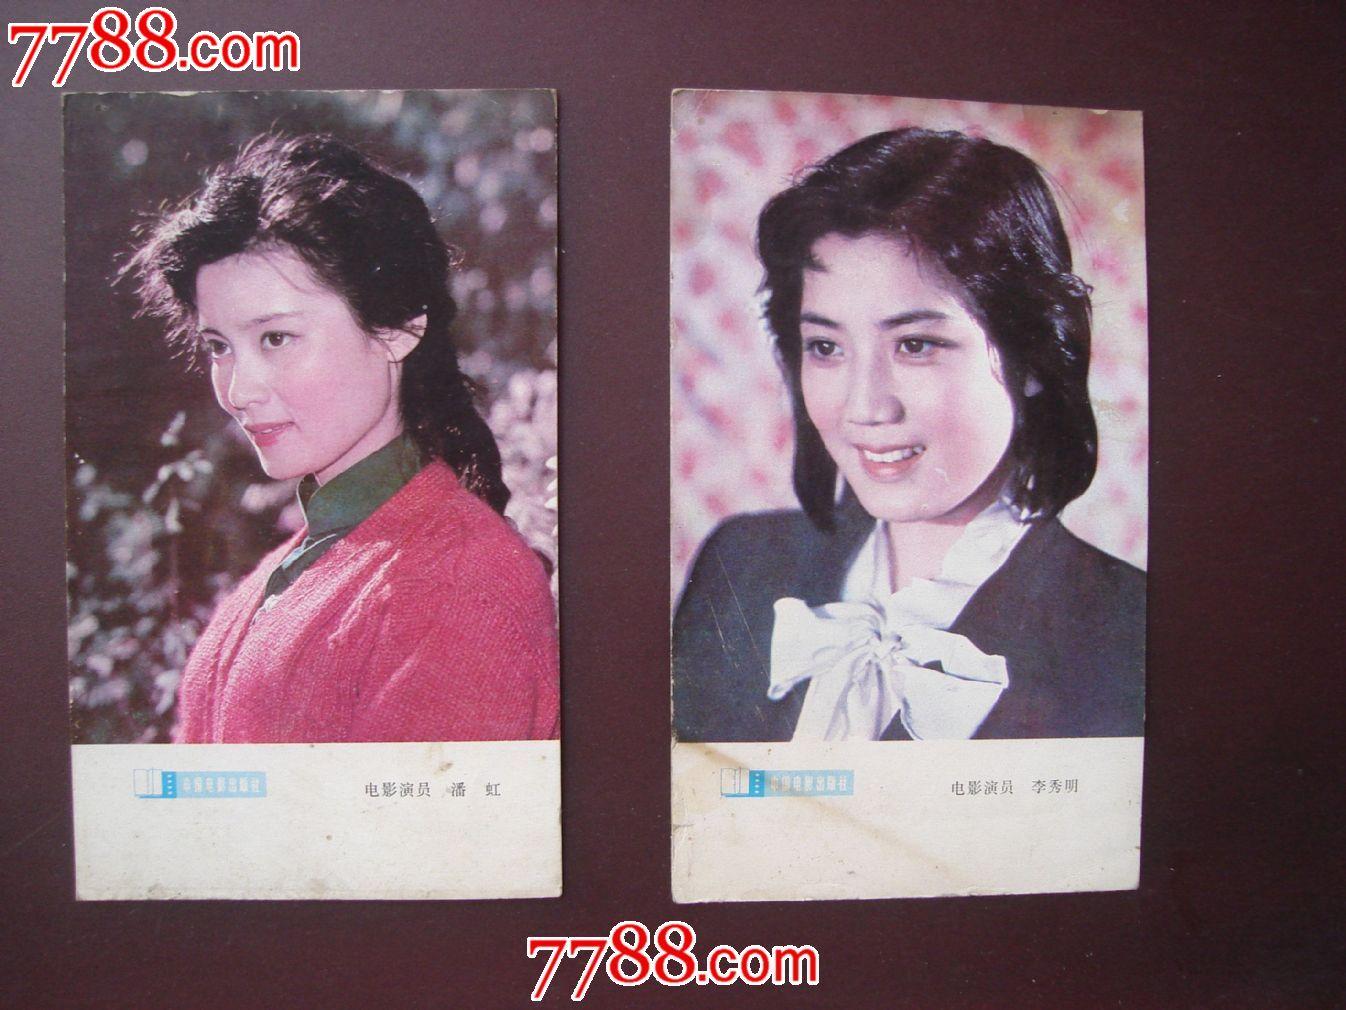 80年代电影明星 价格9.9元